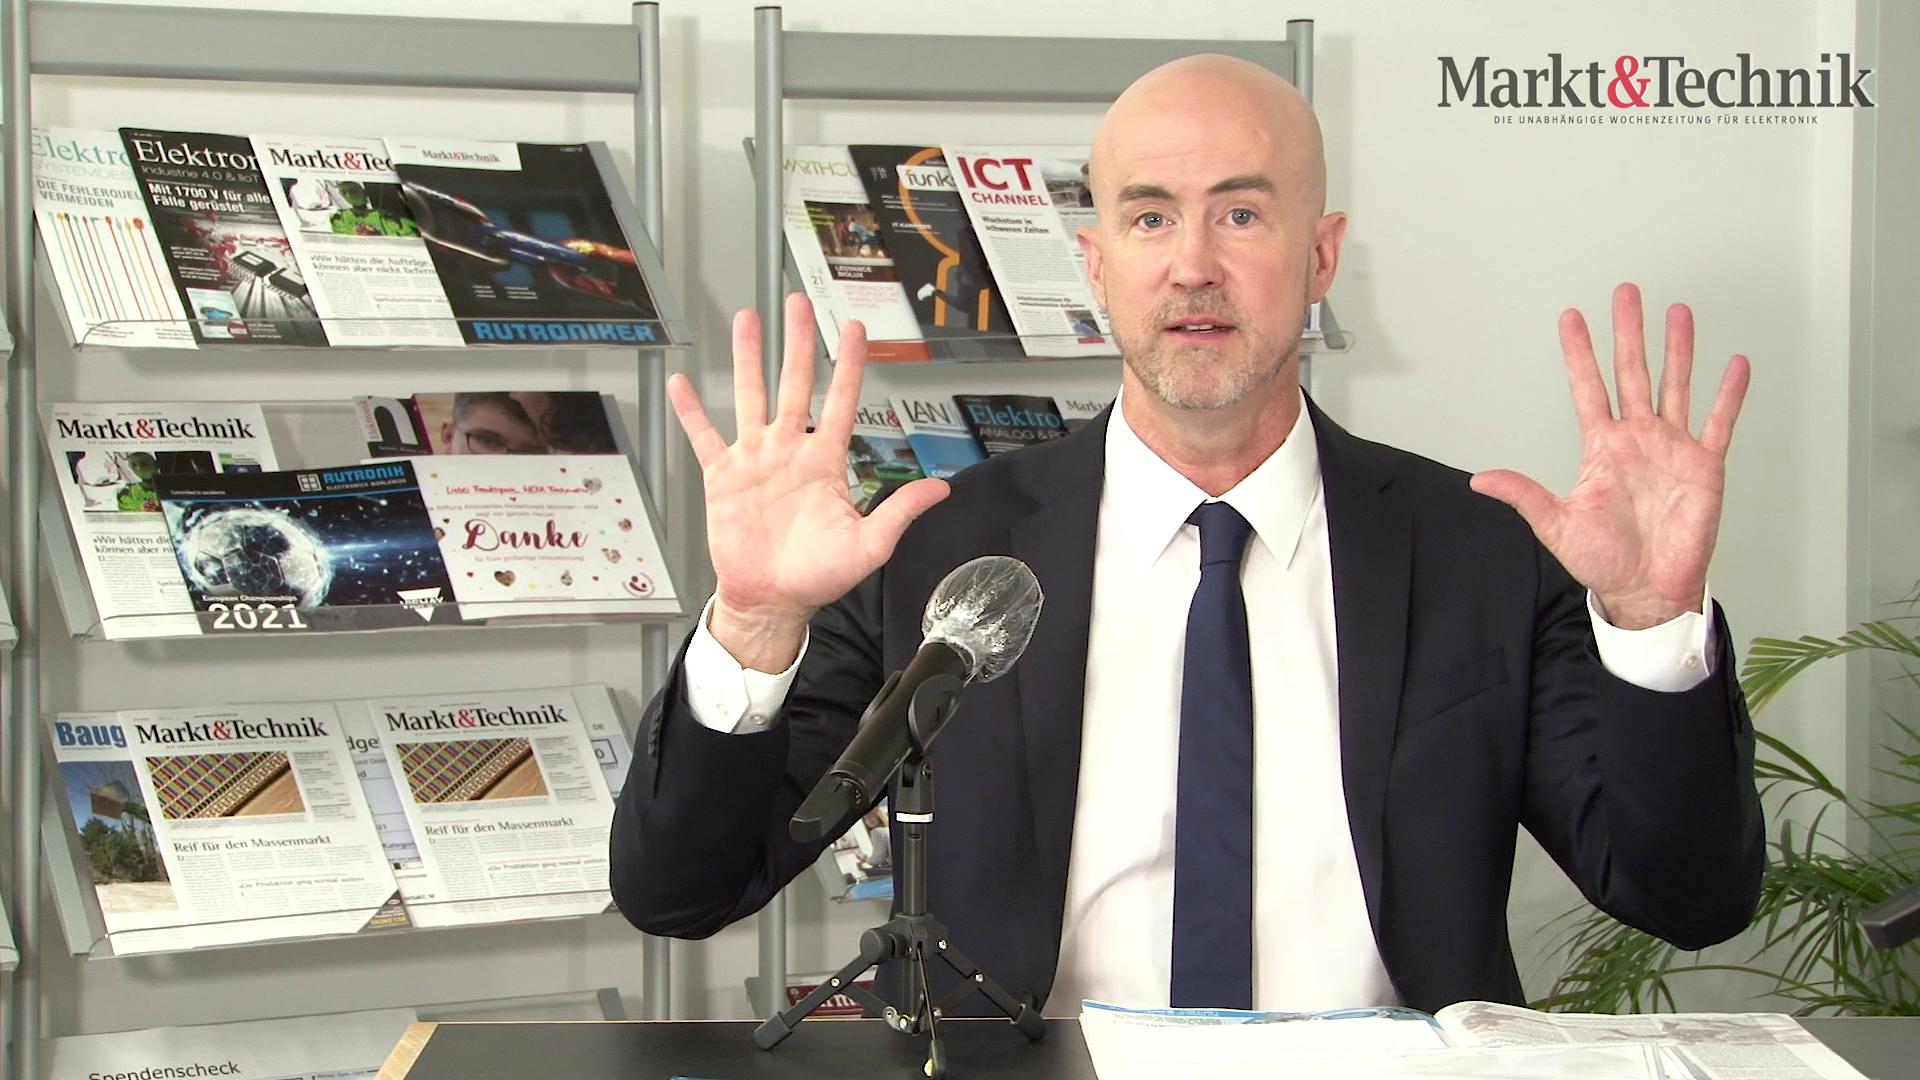 Kick der Woche/Vol.10: Markt&Technik erklärt Markt und Technik